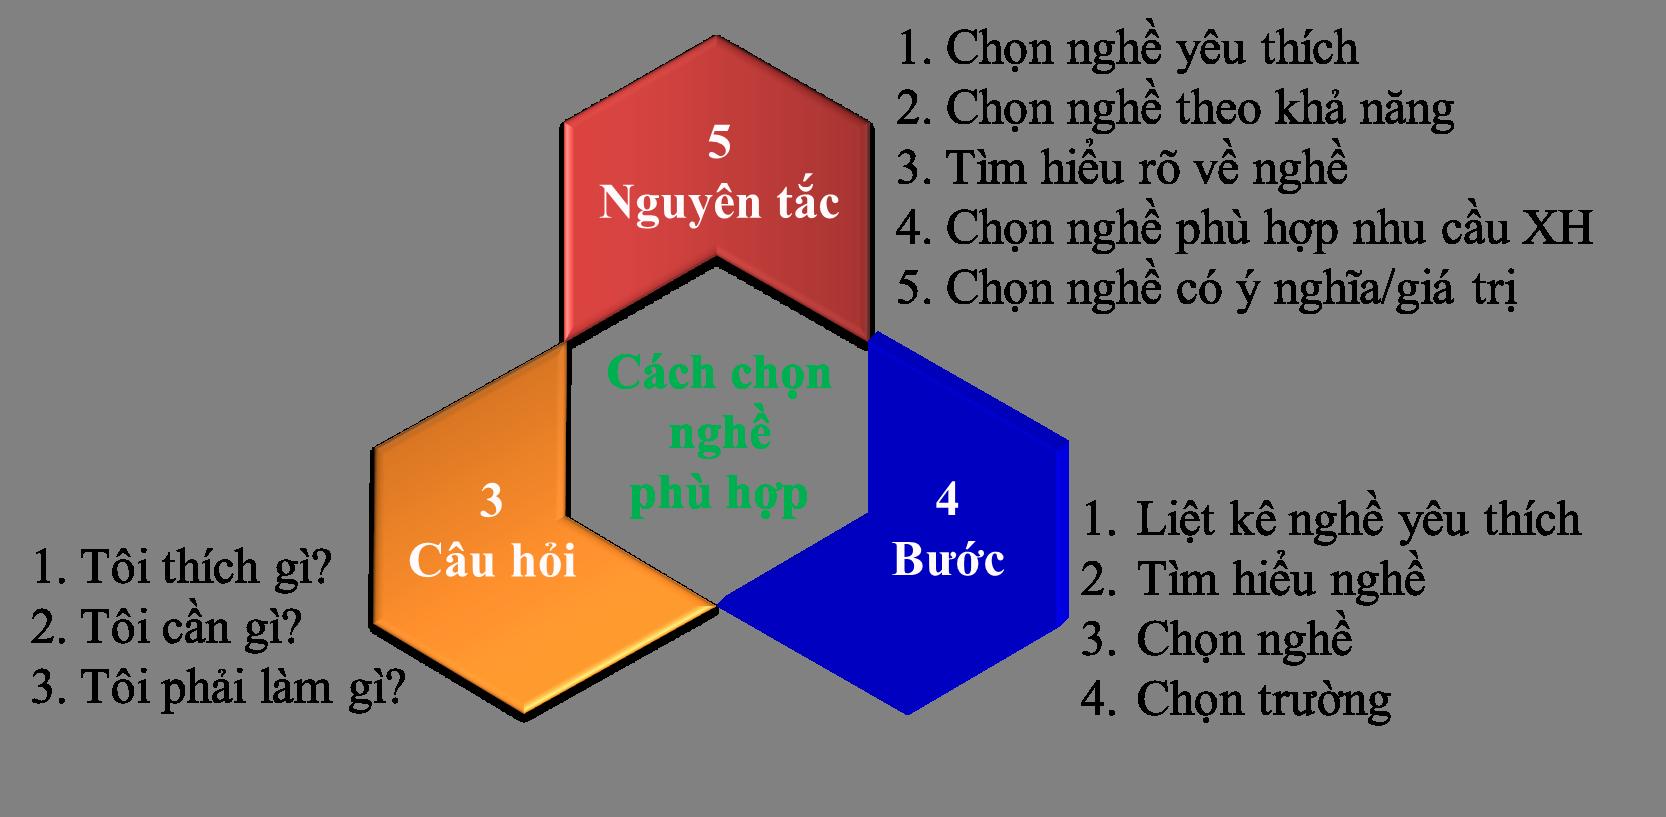 Những nguyên tắc trong việc lựa chọn ngành ngề đúng